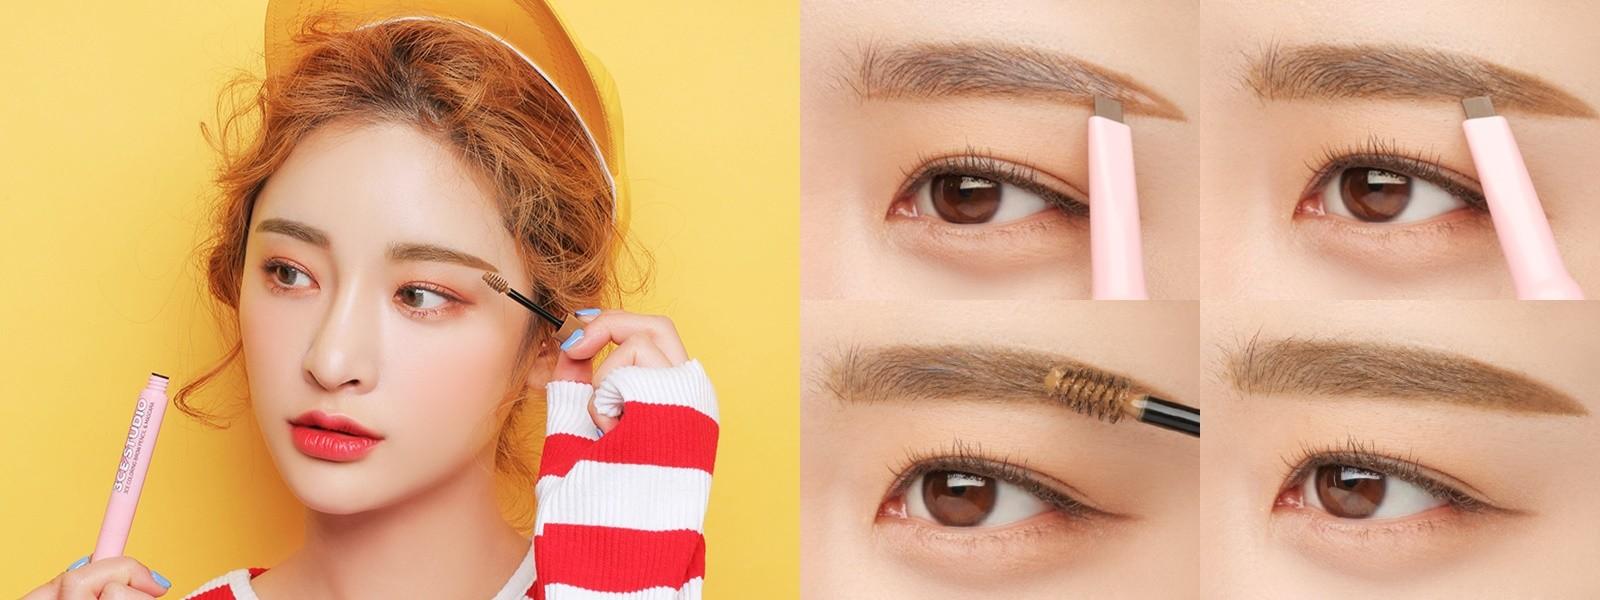 3CE STUDIO COLORING BROW PENCIL & MASCARA-原價551元,七折後→161元: 你真的沒看錯,打完七折紙要161元,根本就等於開架產品啊!雙頭設計,一頭可以先拿來描繪眉型,再用染眉膏修飾眉毛的顏色,讓你的眉毛看起來自然又有型!